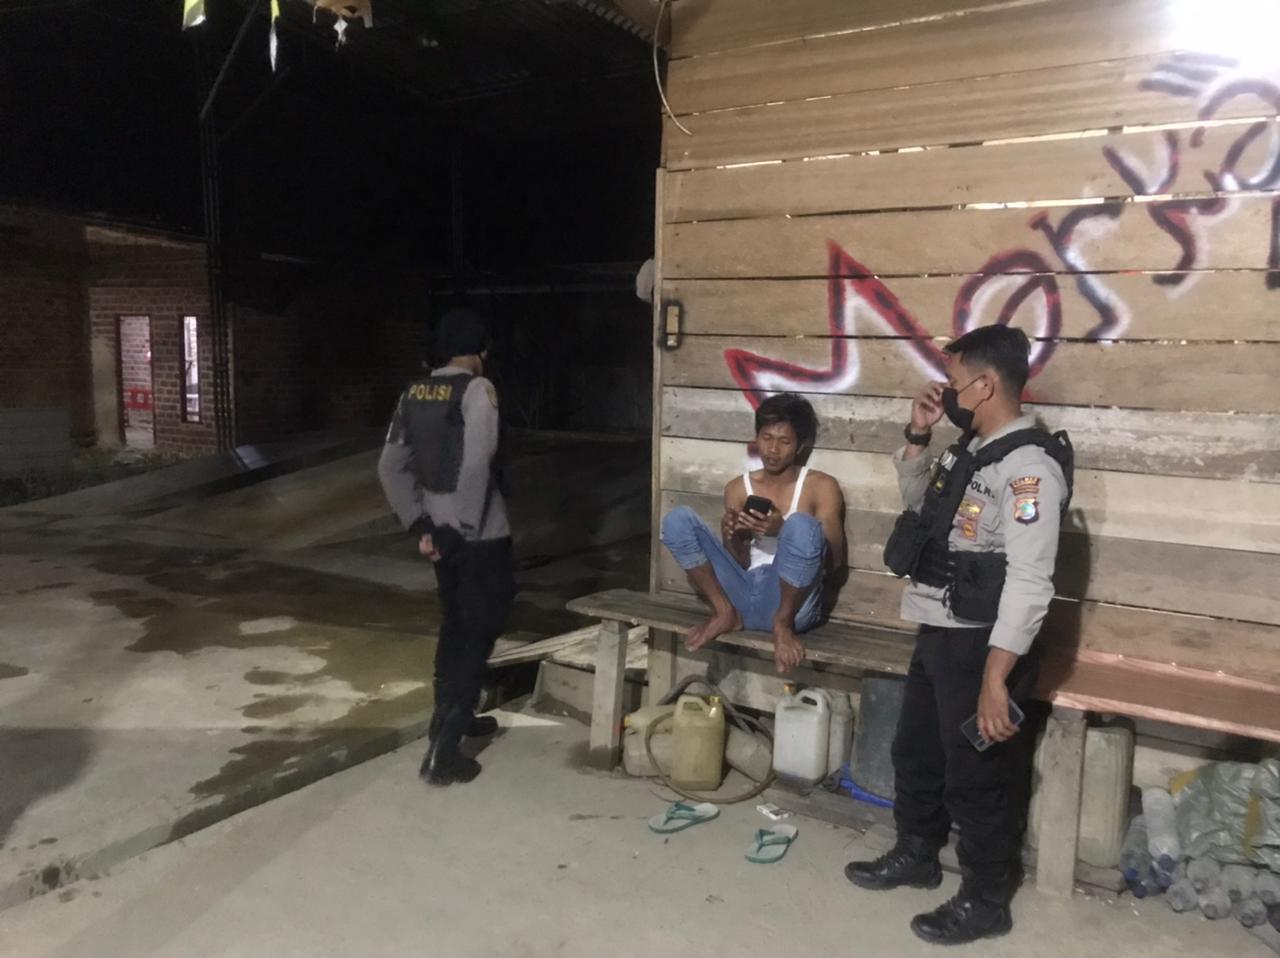 Piket Patmor Satuan Sabhara Polres Sorong Giatkan Patroli Siang Malam untuk Antisipasi Tindak Kriminalitas